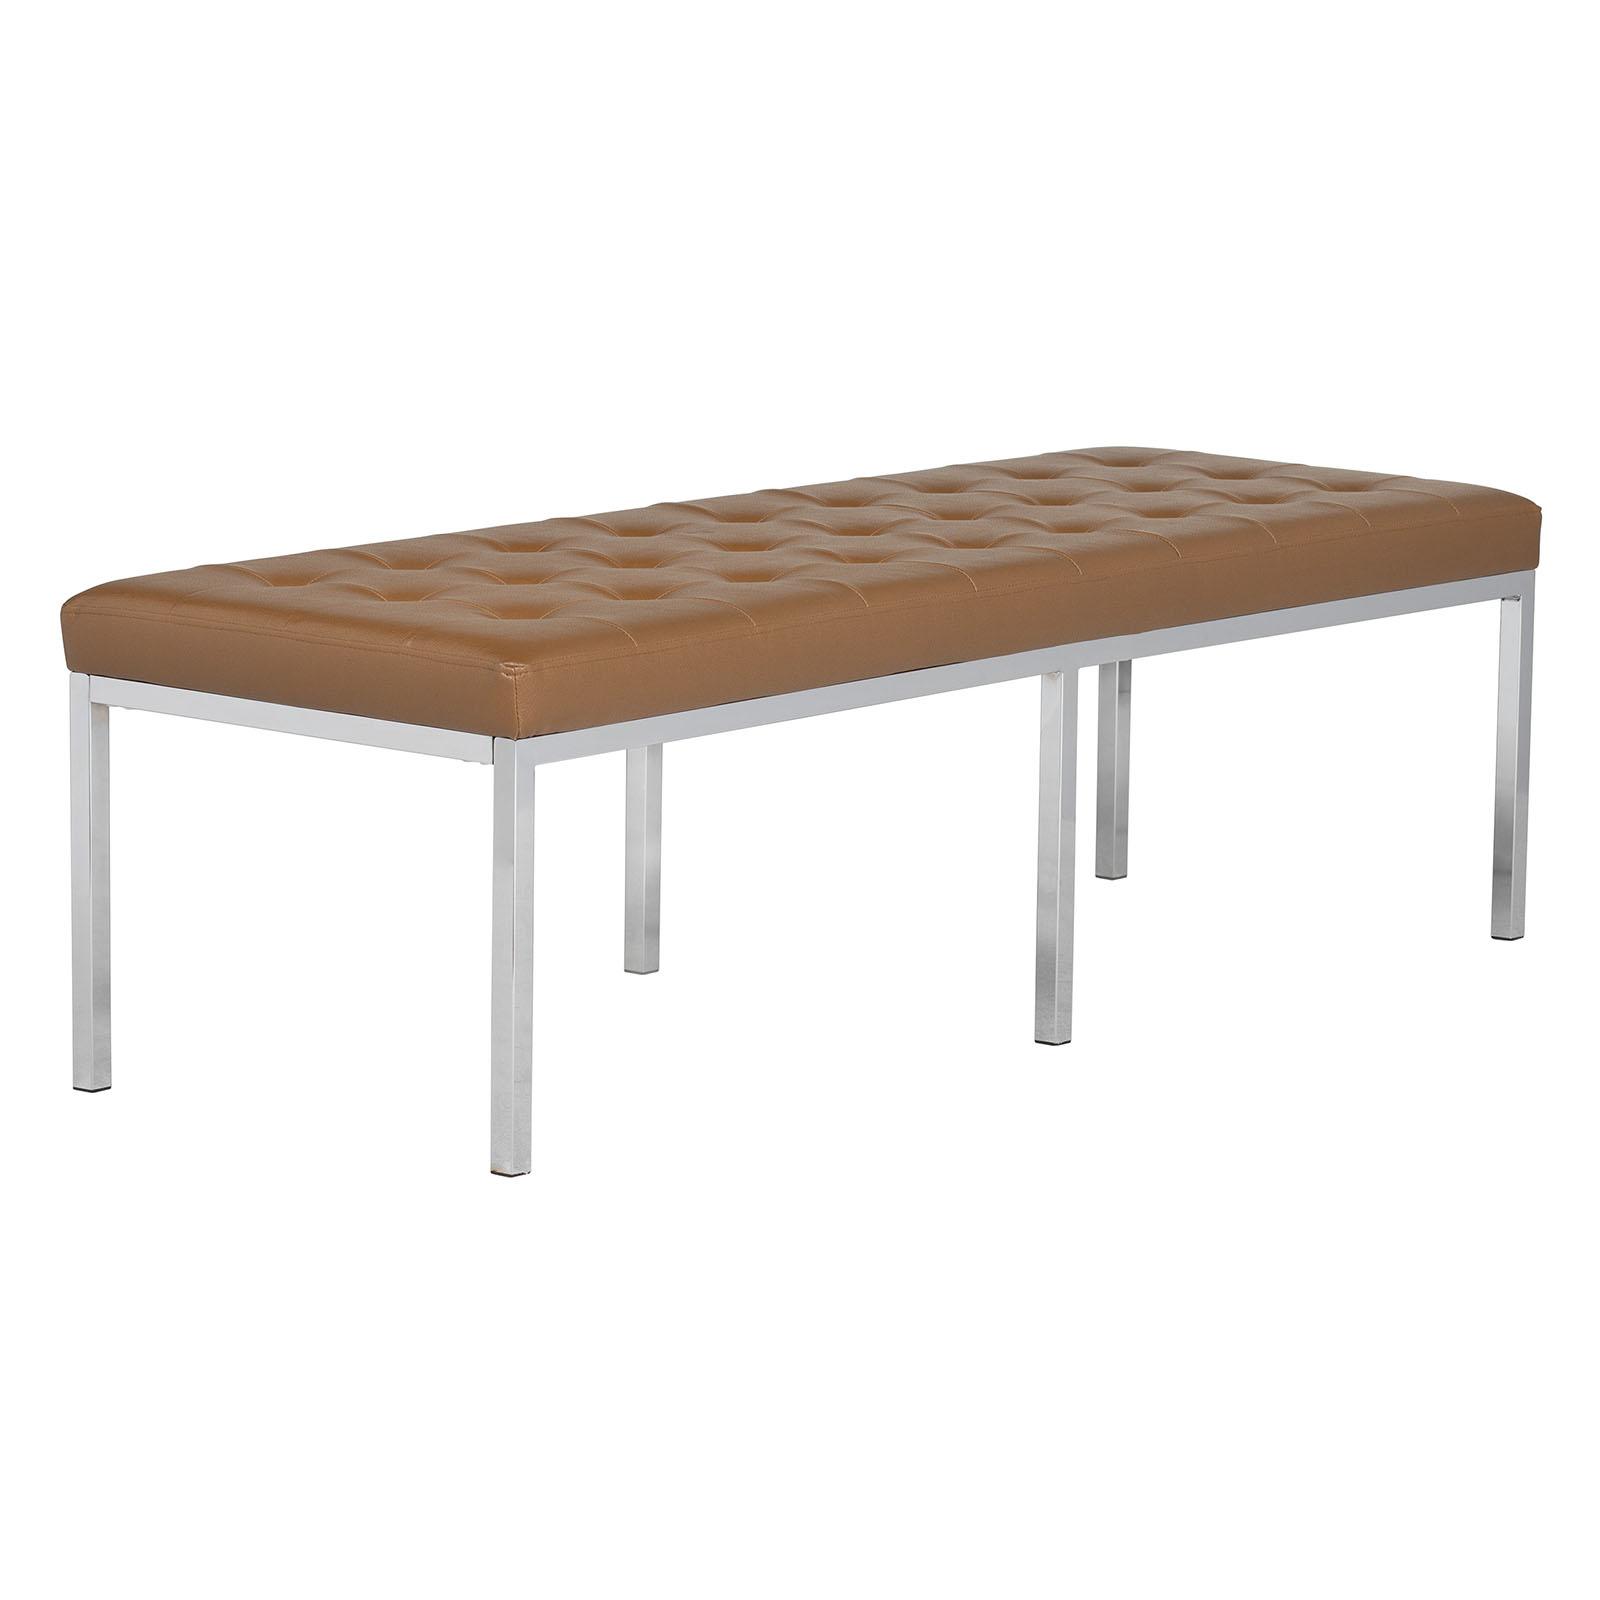 72040 Lintel 60 Inch Bench